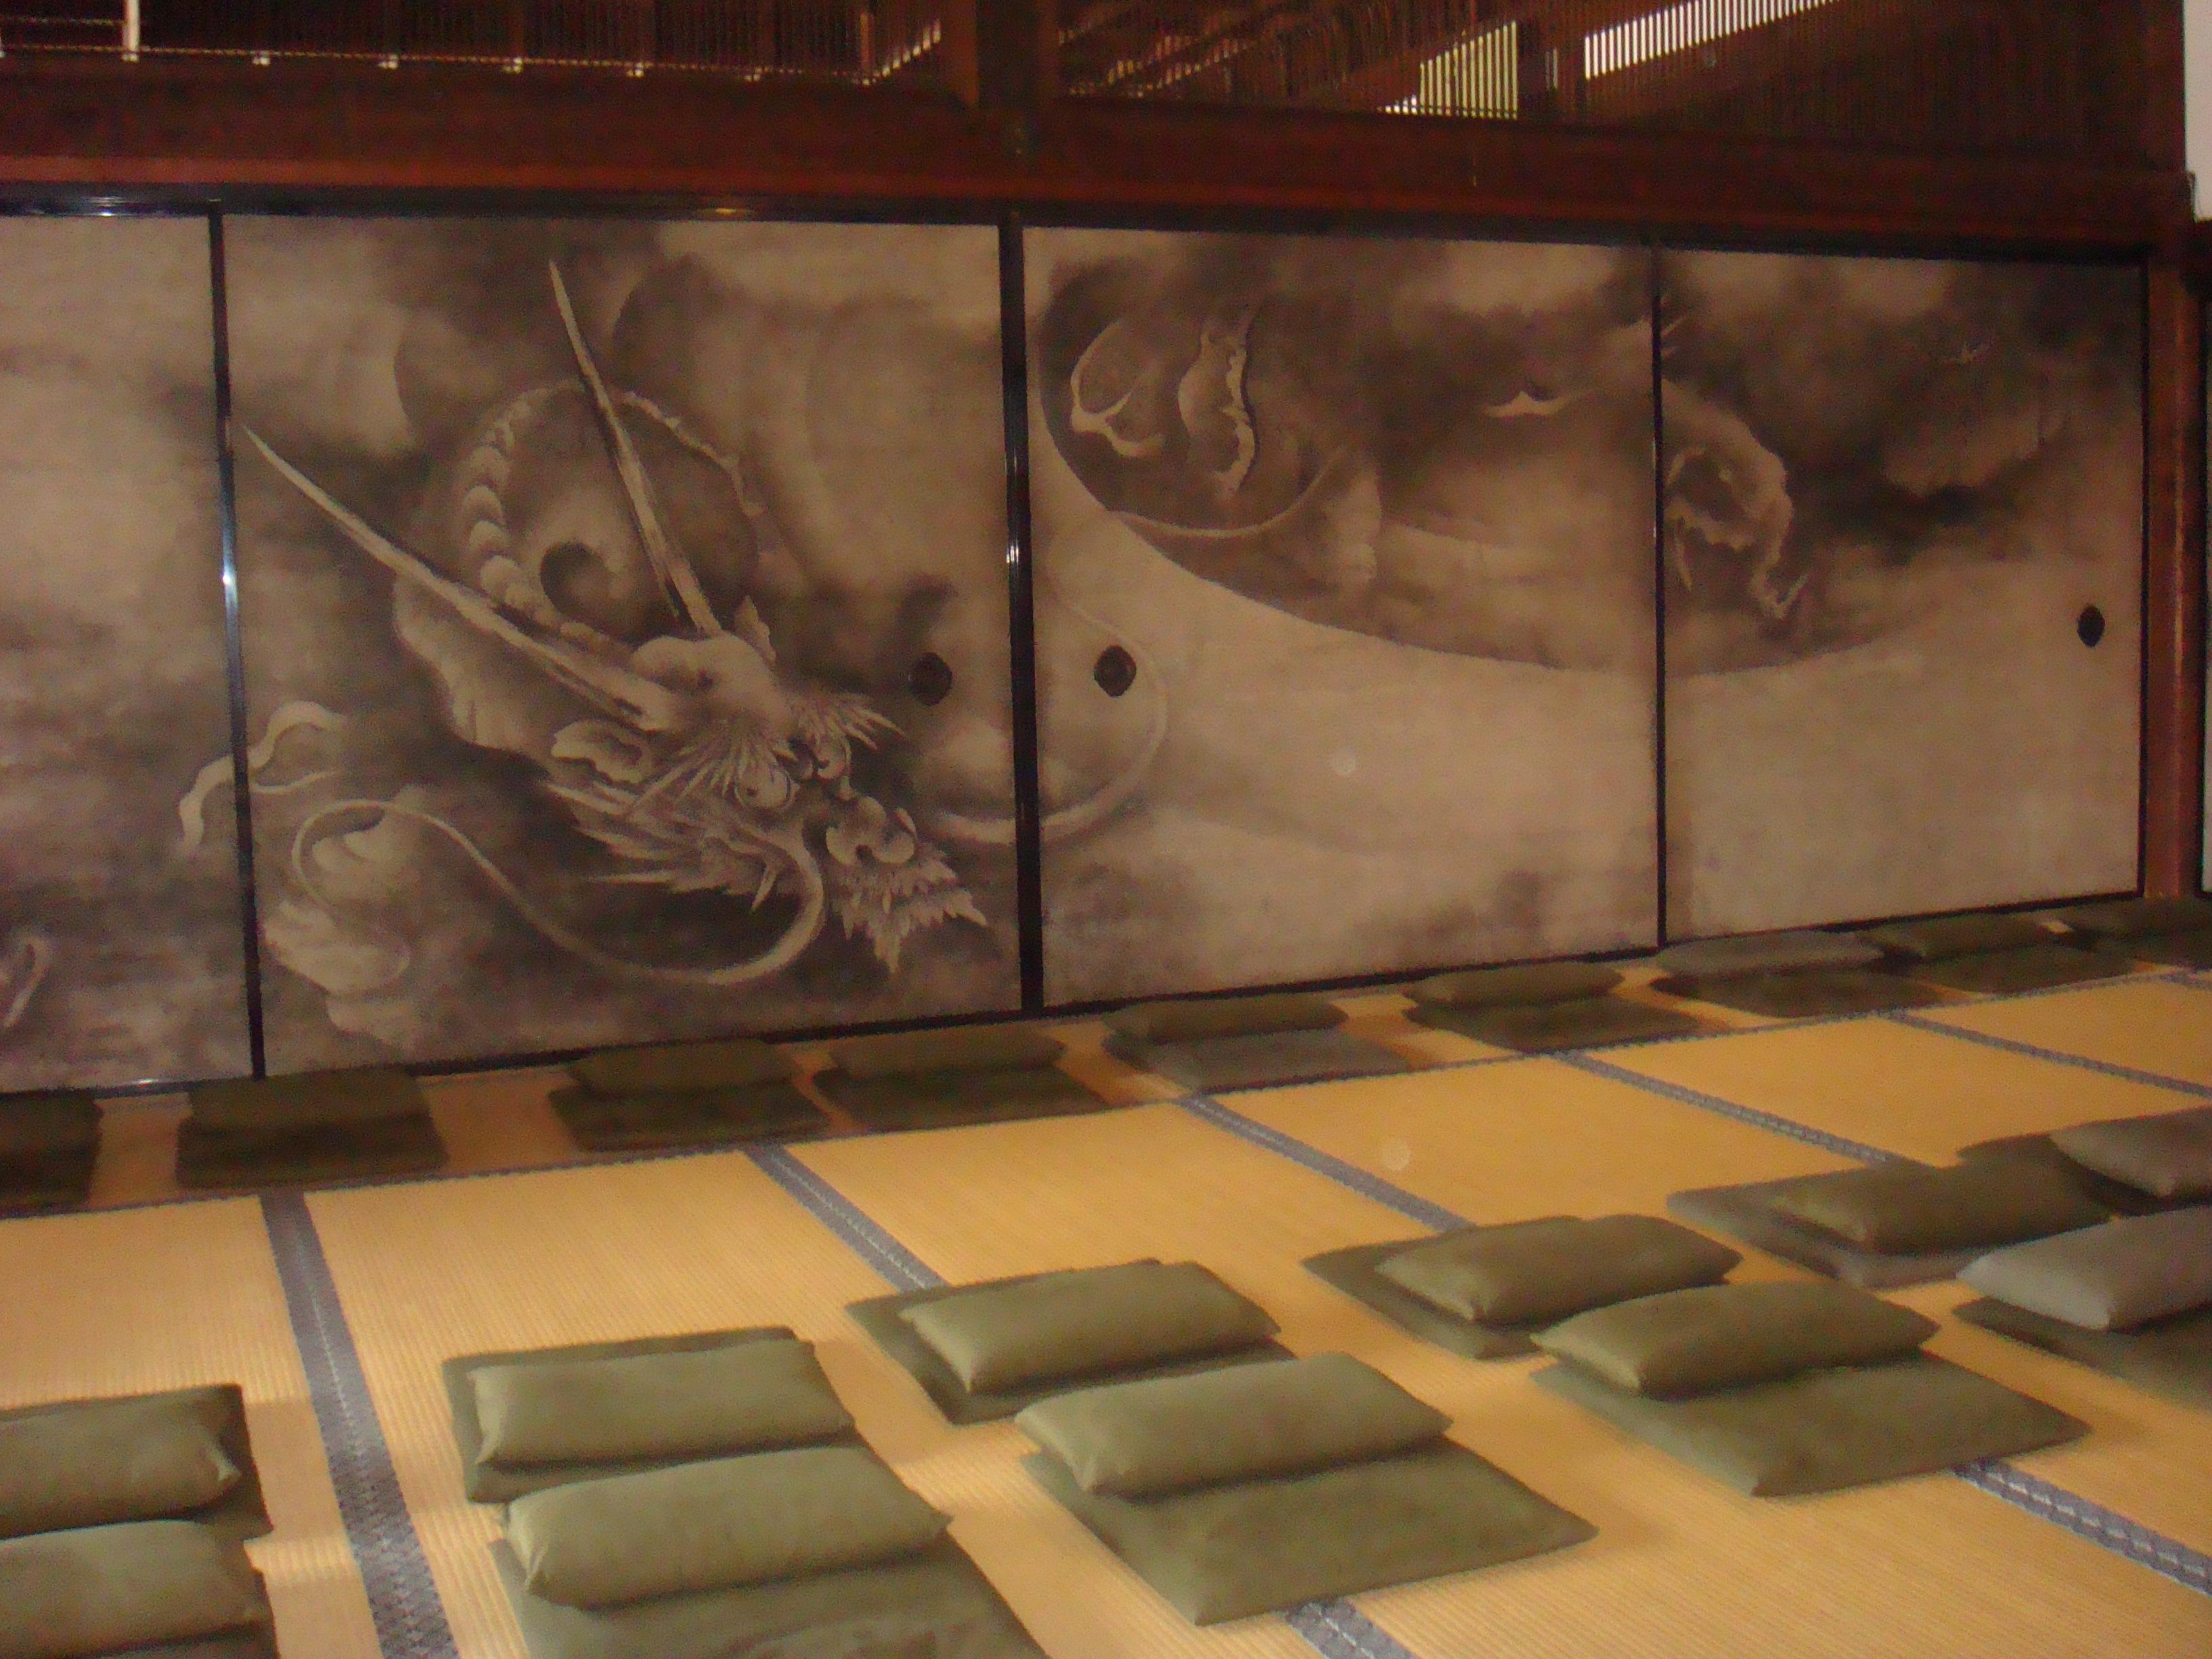 Cat te costa o vacanta in japonia - Cat costa o piscina in curte ...